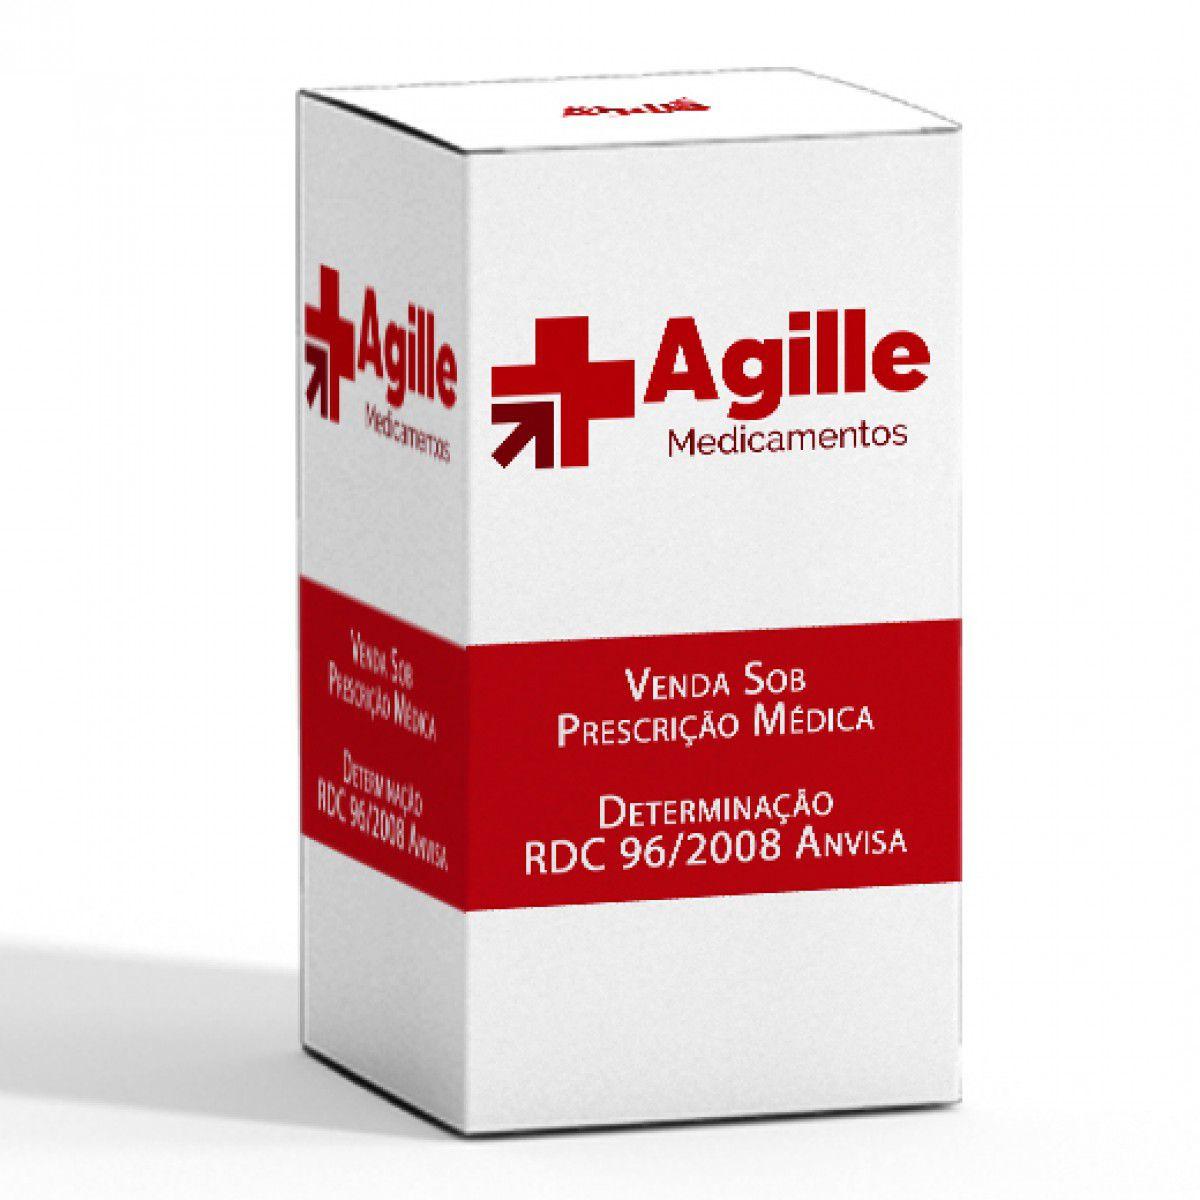 DAKLINZA 60MG C/ 28 COMPRIMIDOS REVESTIDOS  - Agille Speciality